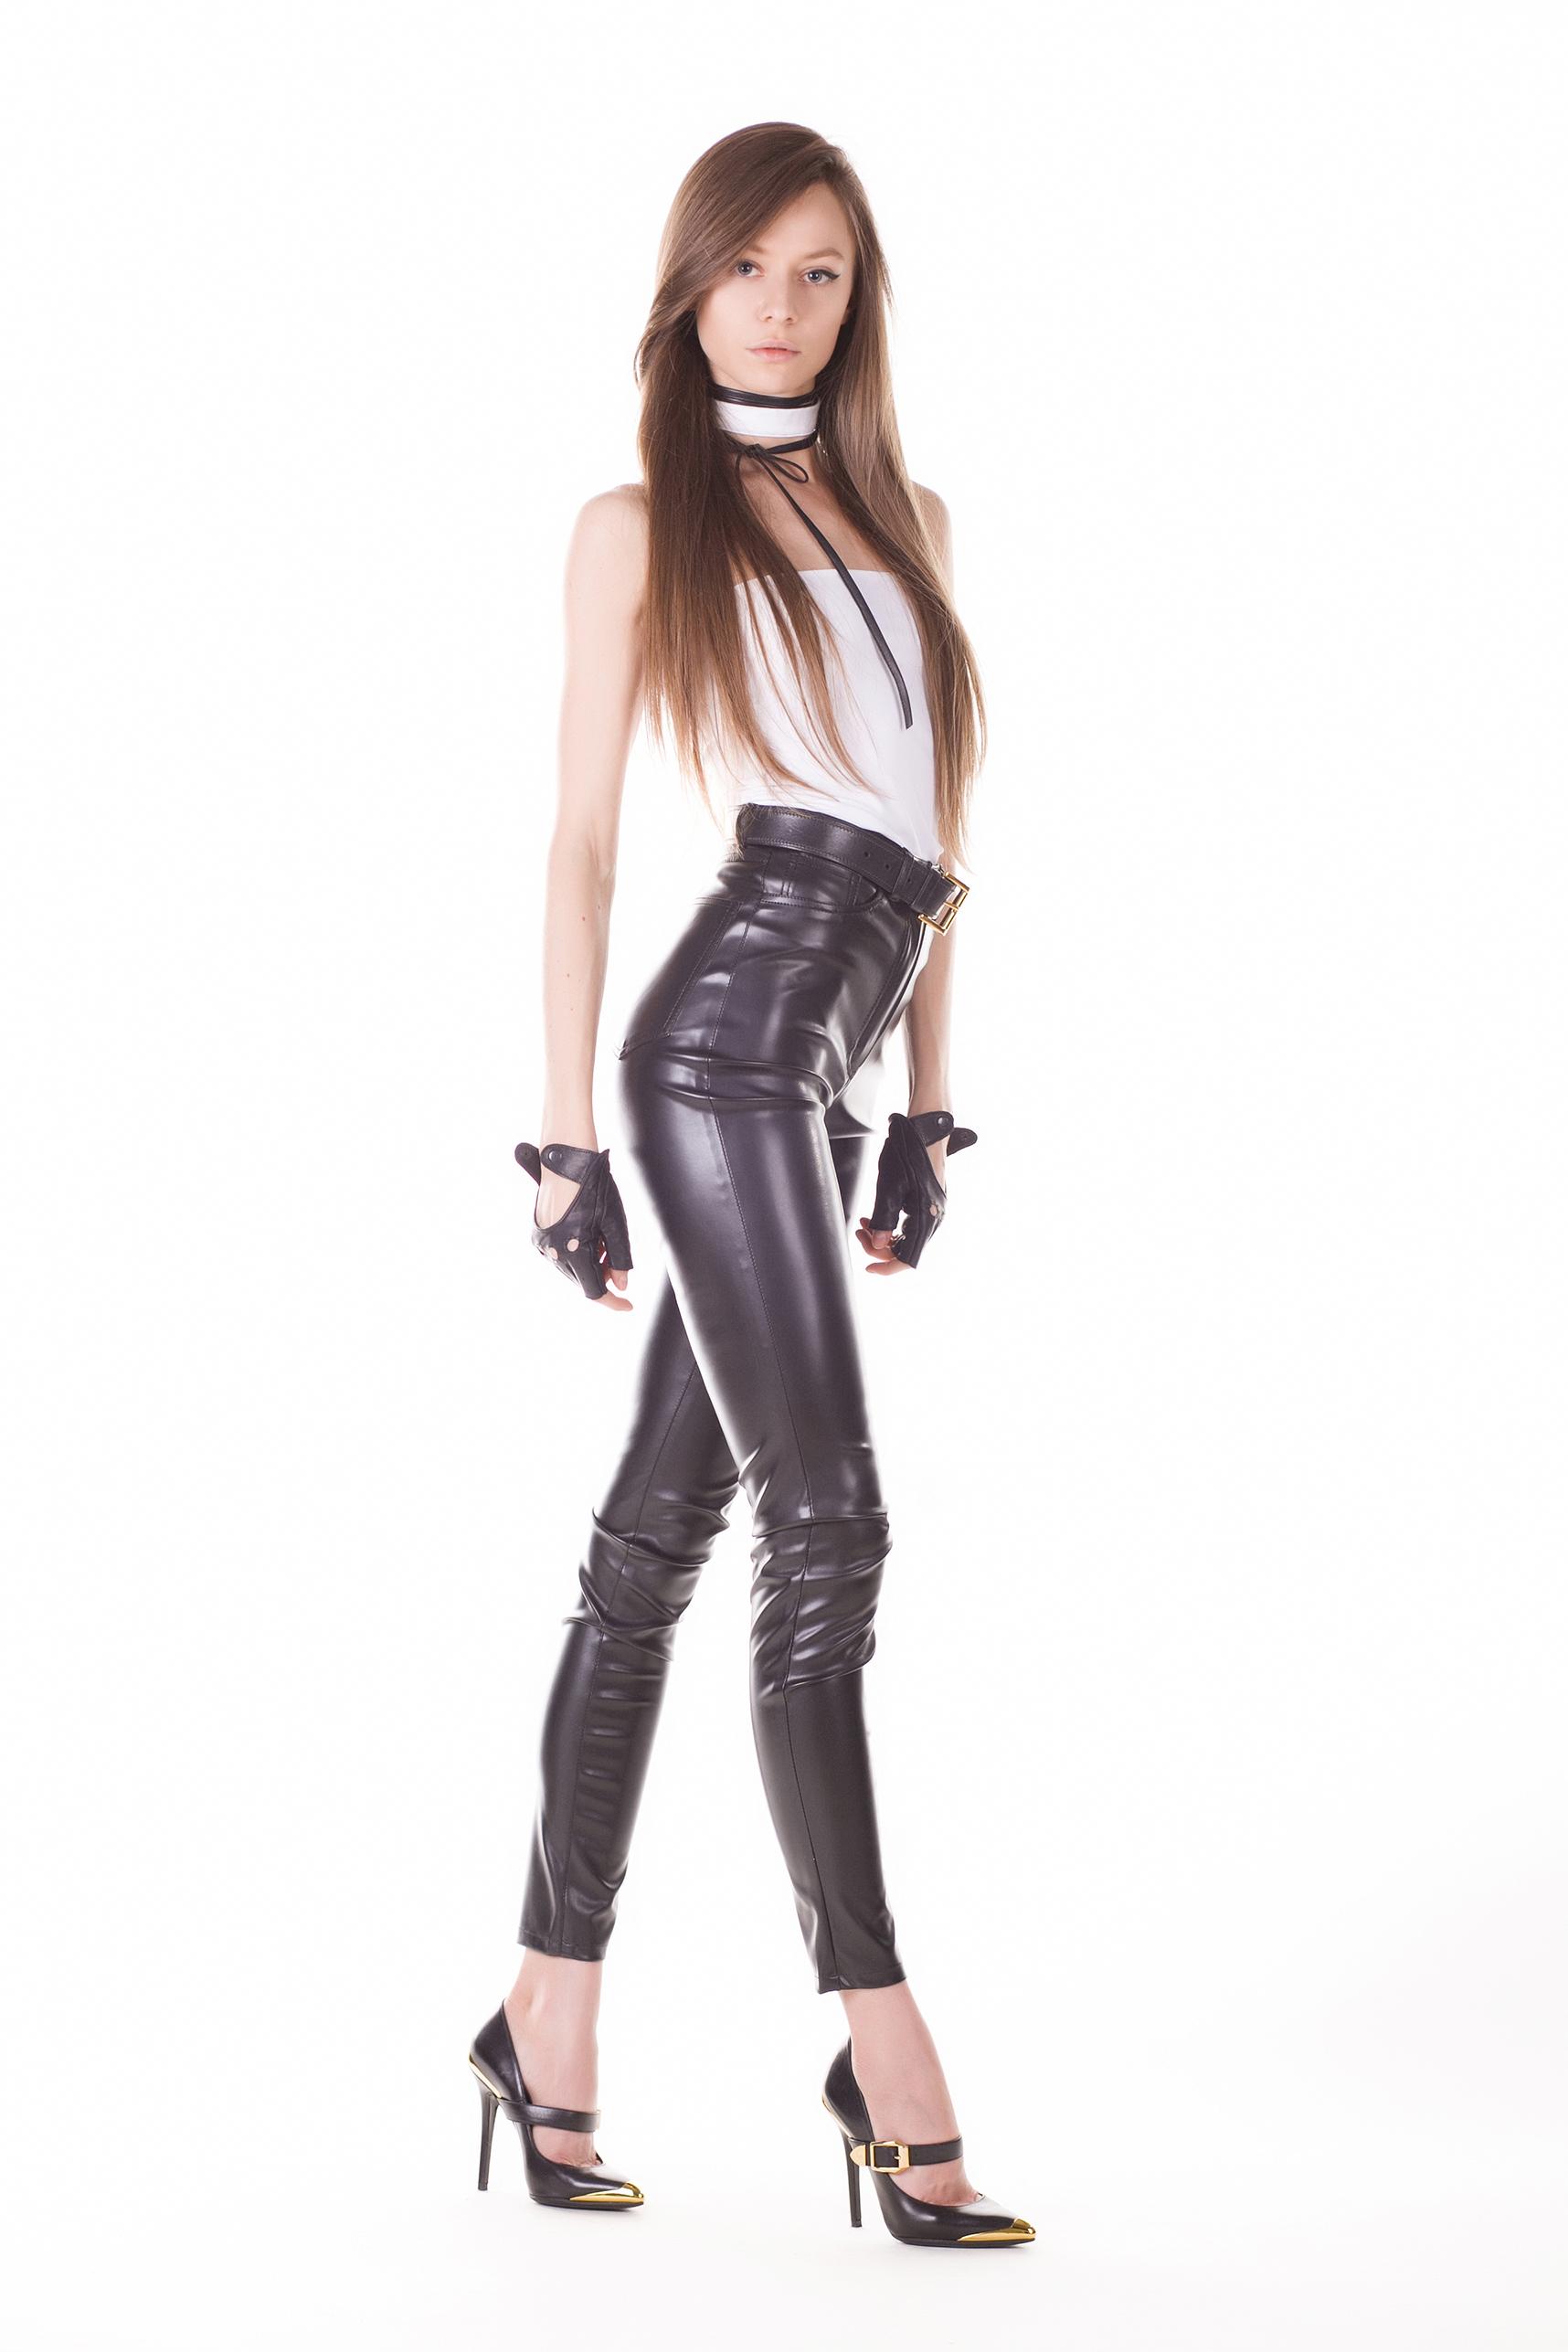 fashion blogger, model, artist Tanya She World 4